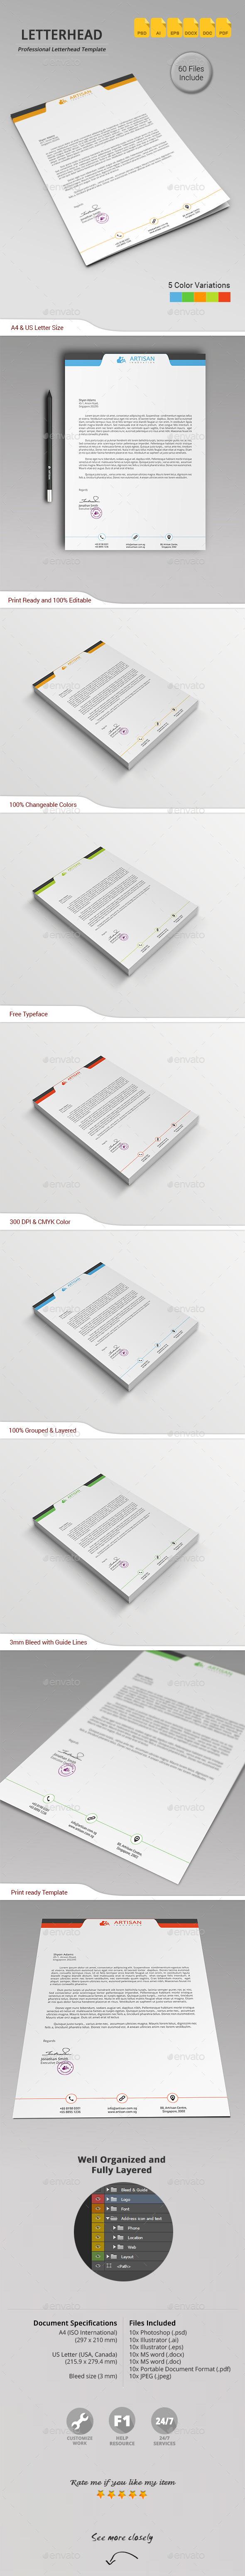 GraphicRiver Letterhead 11262870